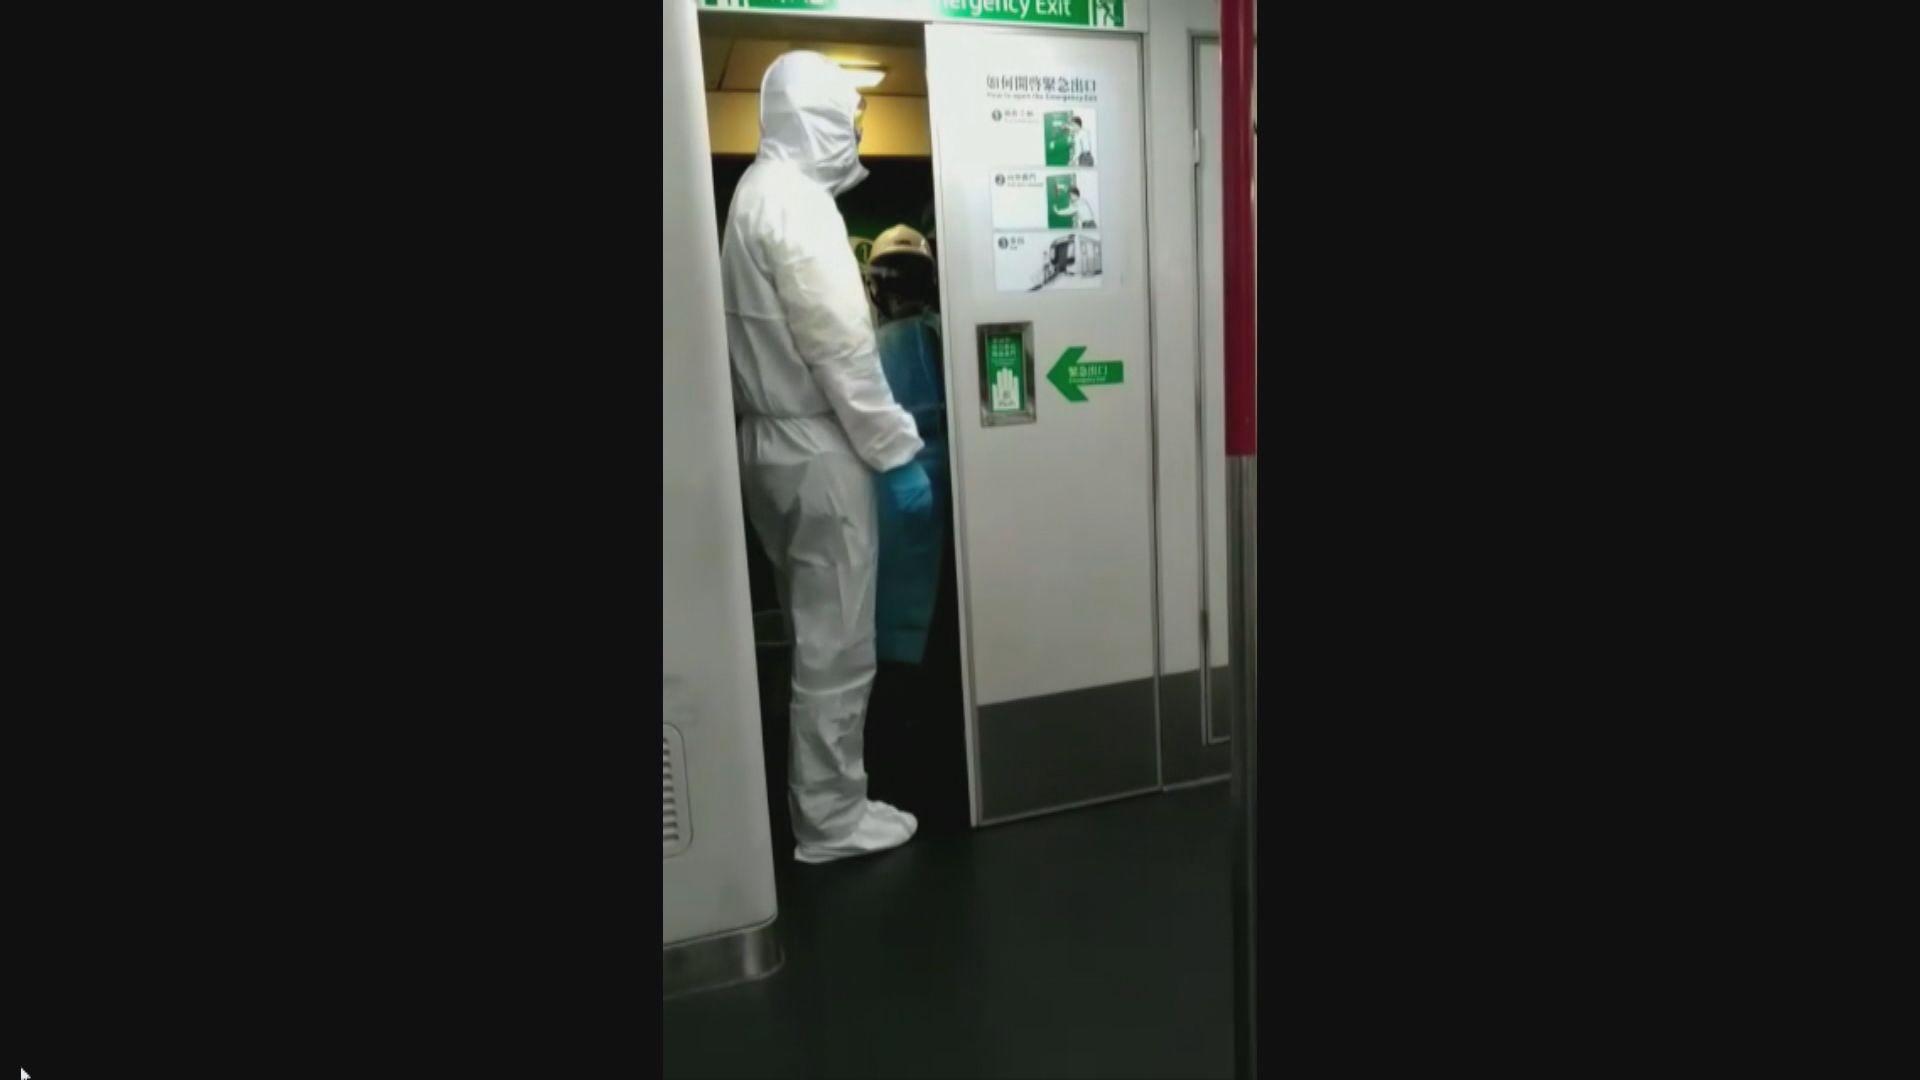 港鐵澄清沒有車長感染新型冠狀病毒